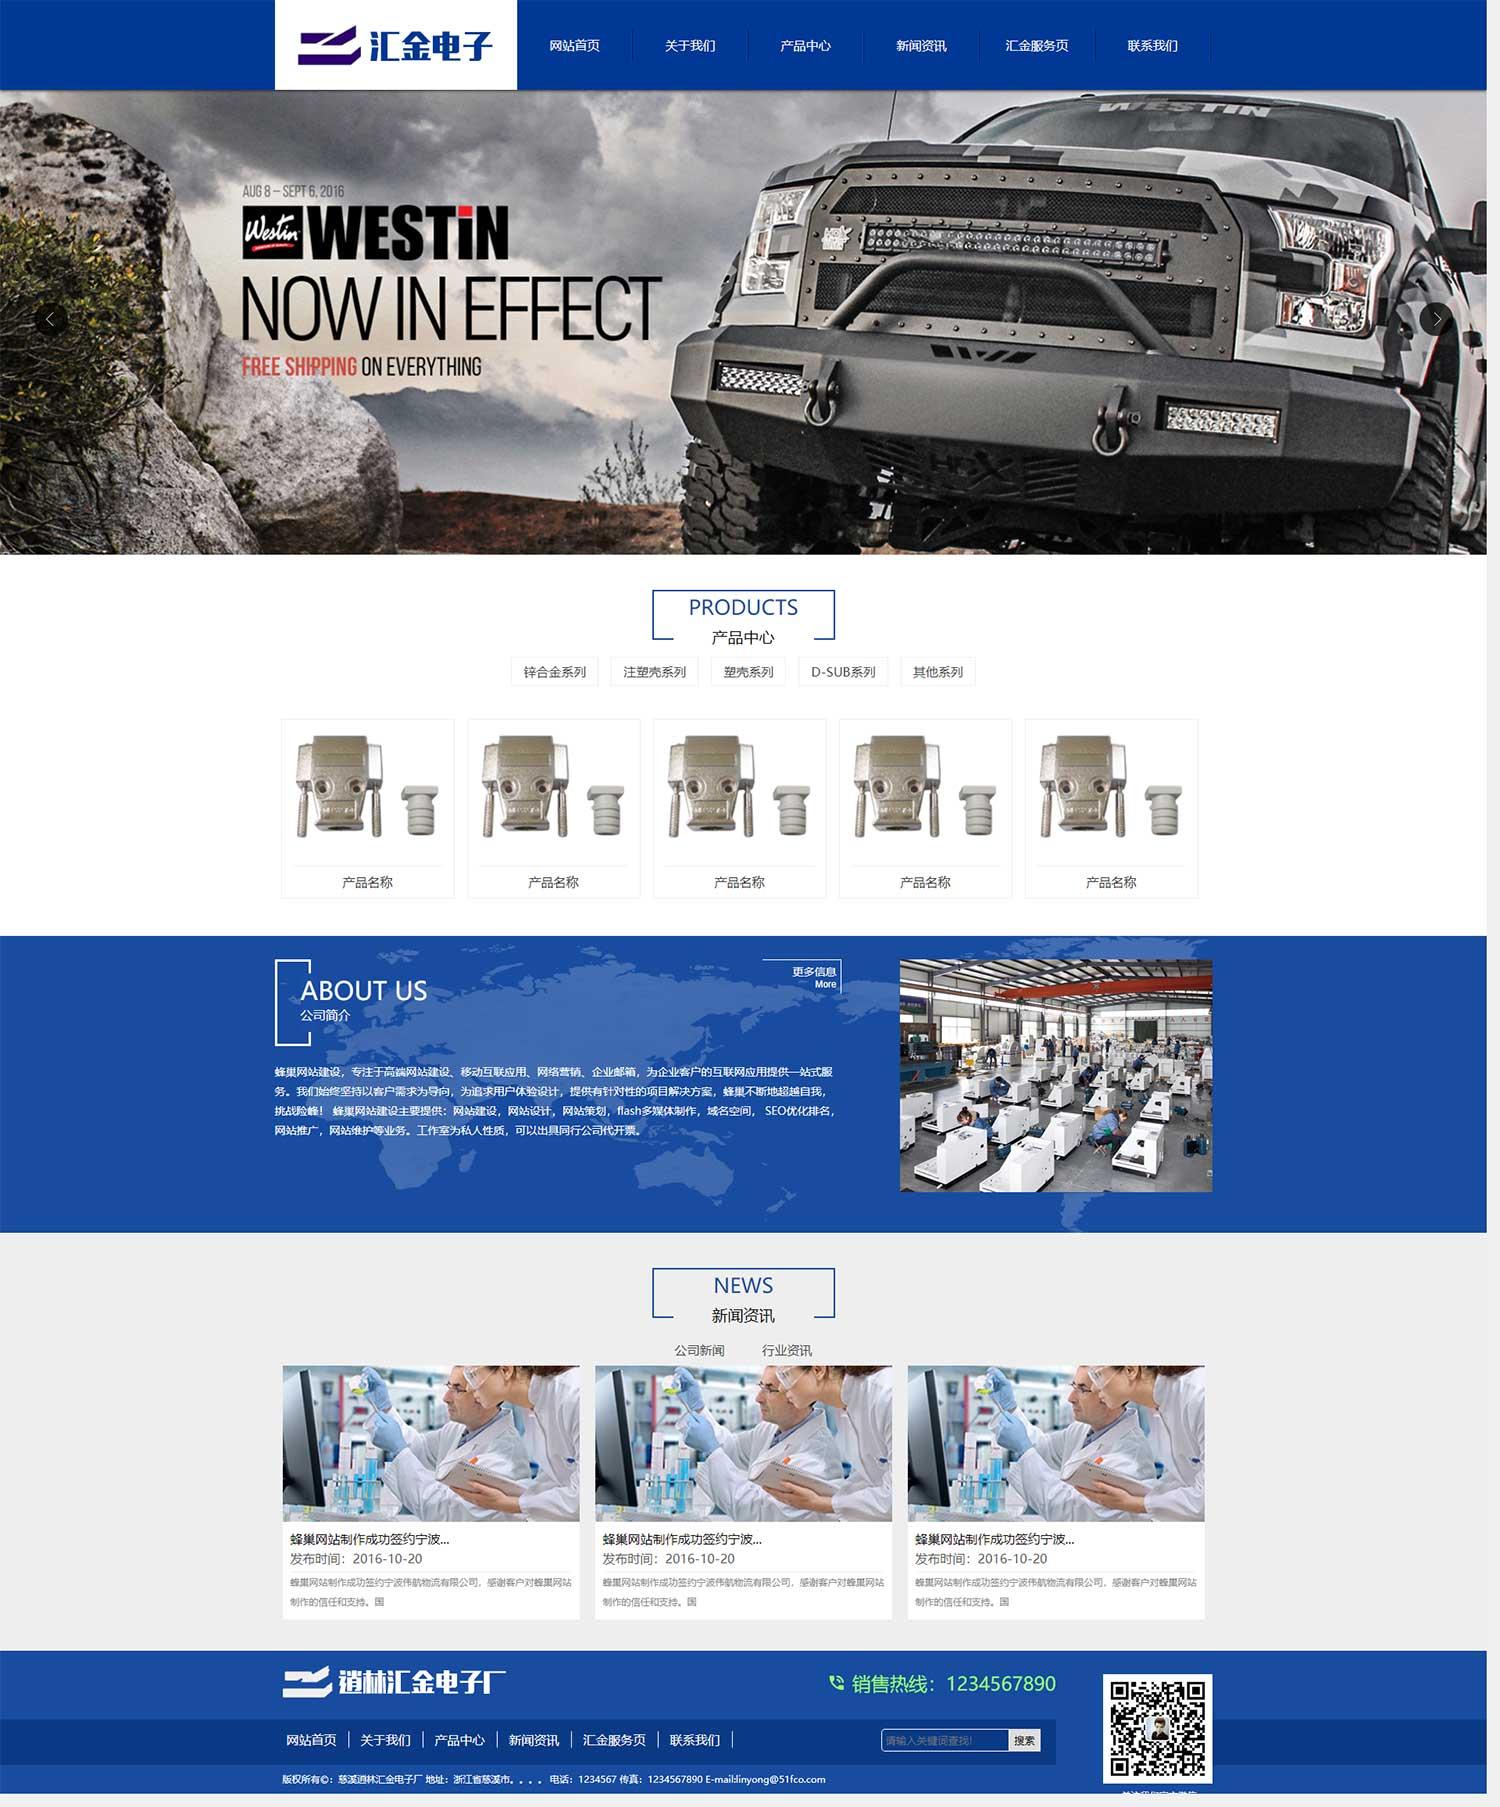 蓝色宽屏的电子科技产品展示厂公司网站html模板